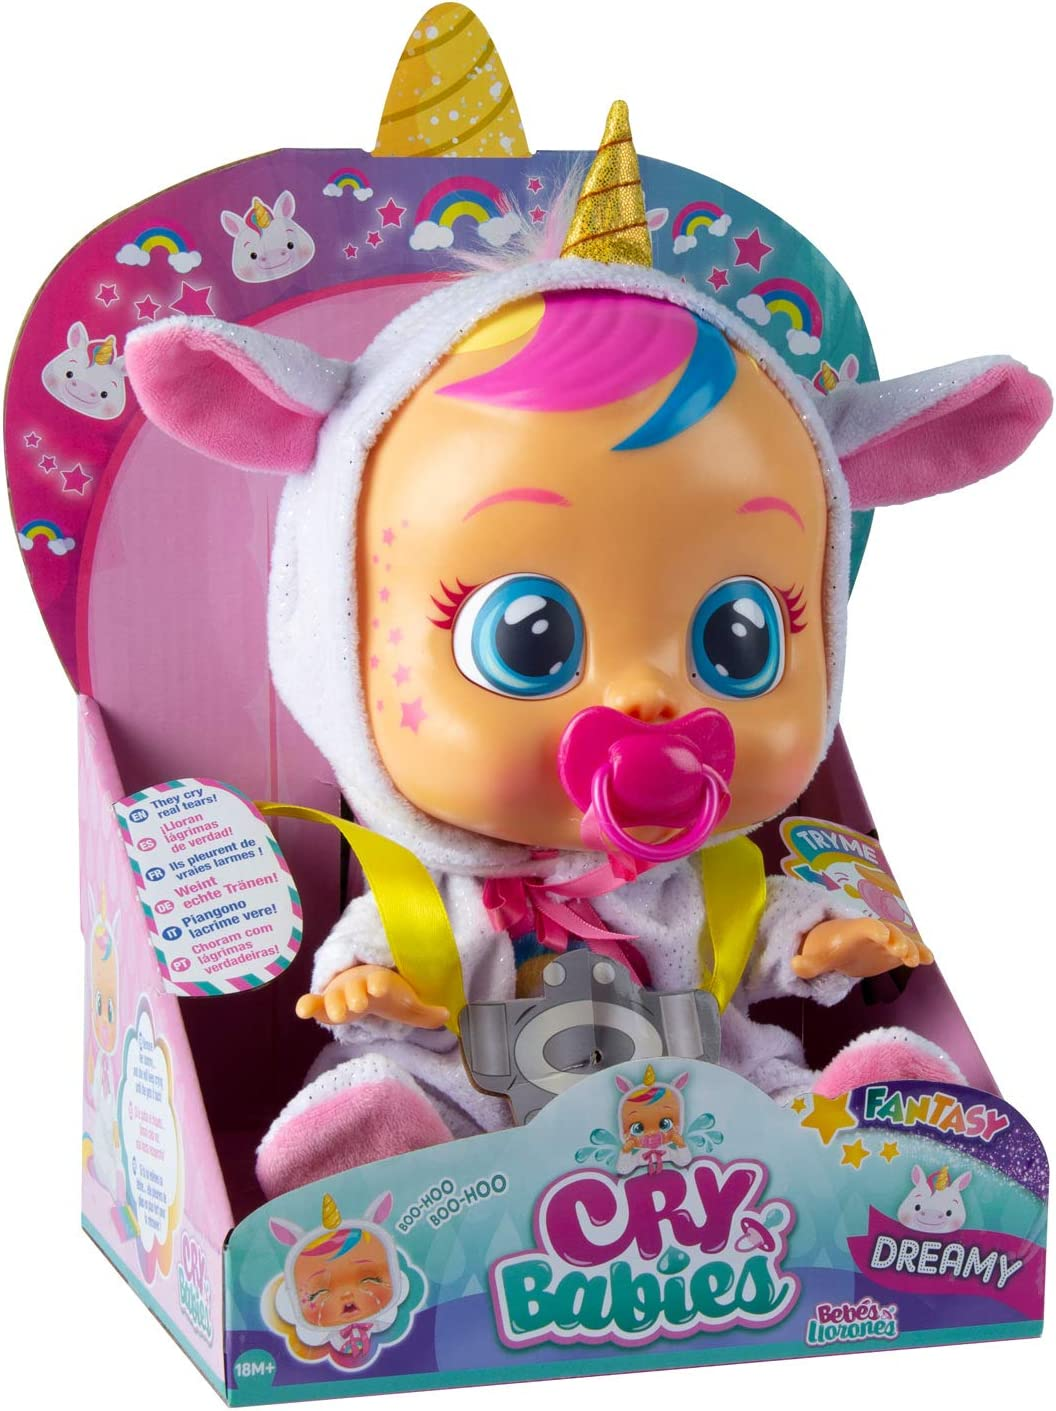 Nouveau CRY BABIES MAGIC Larmes